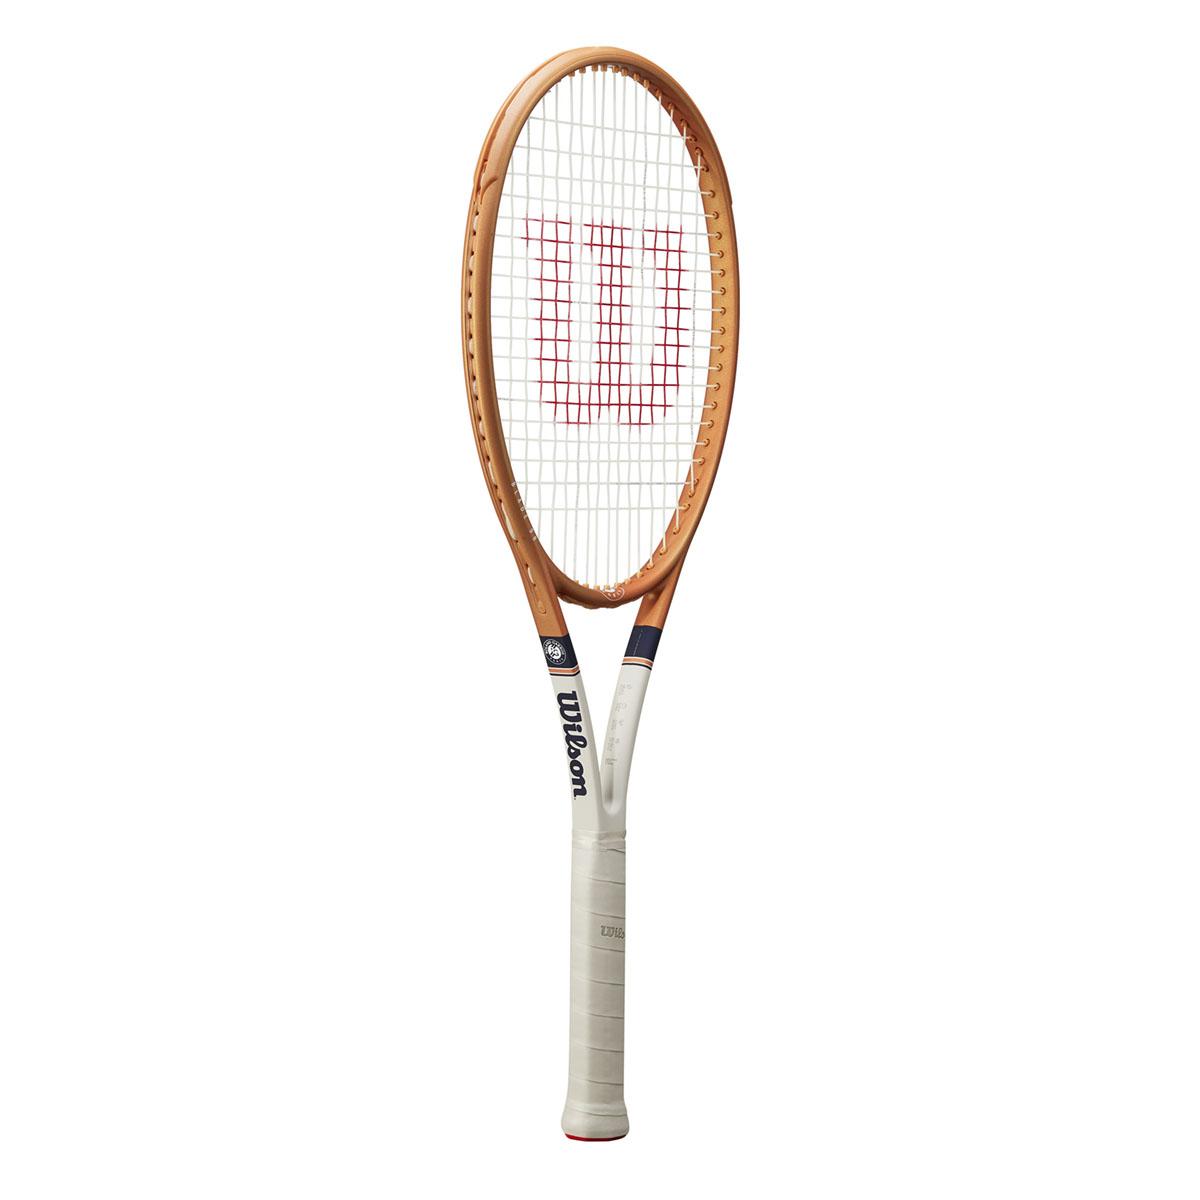 WR068611U_1_Blade_98_16x19_Roland_Garros_OR_BU_GY.png.cq5dam.web.2000.2000